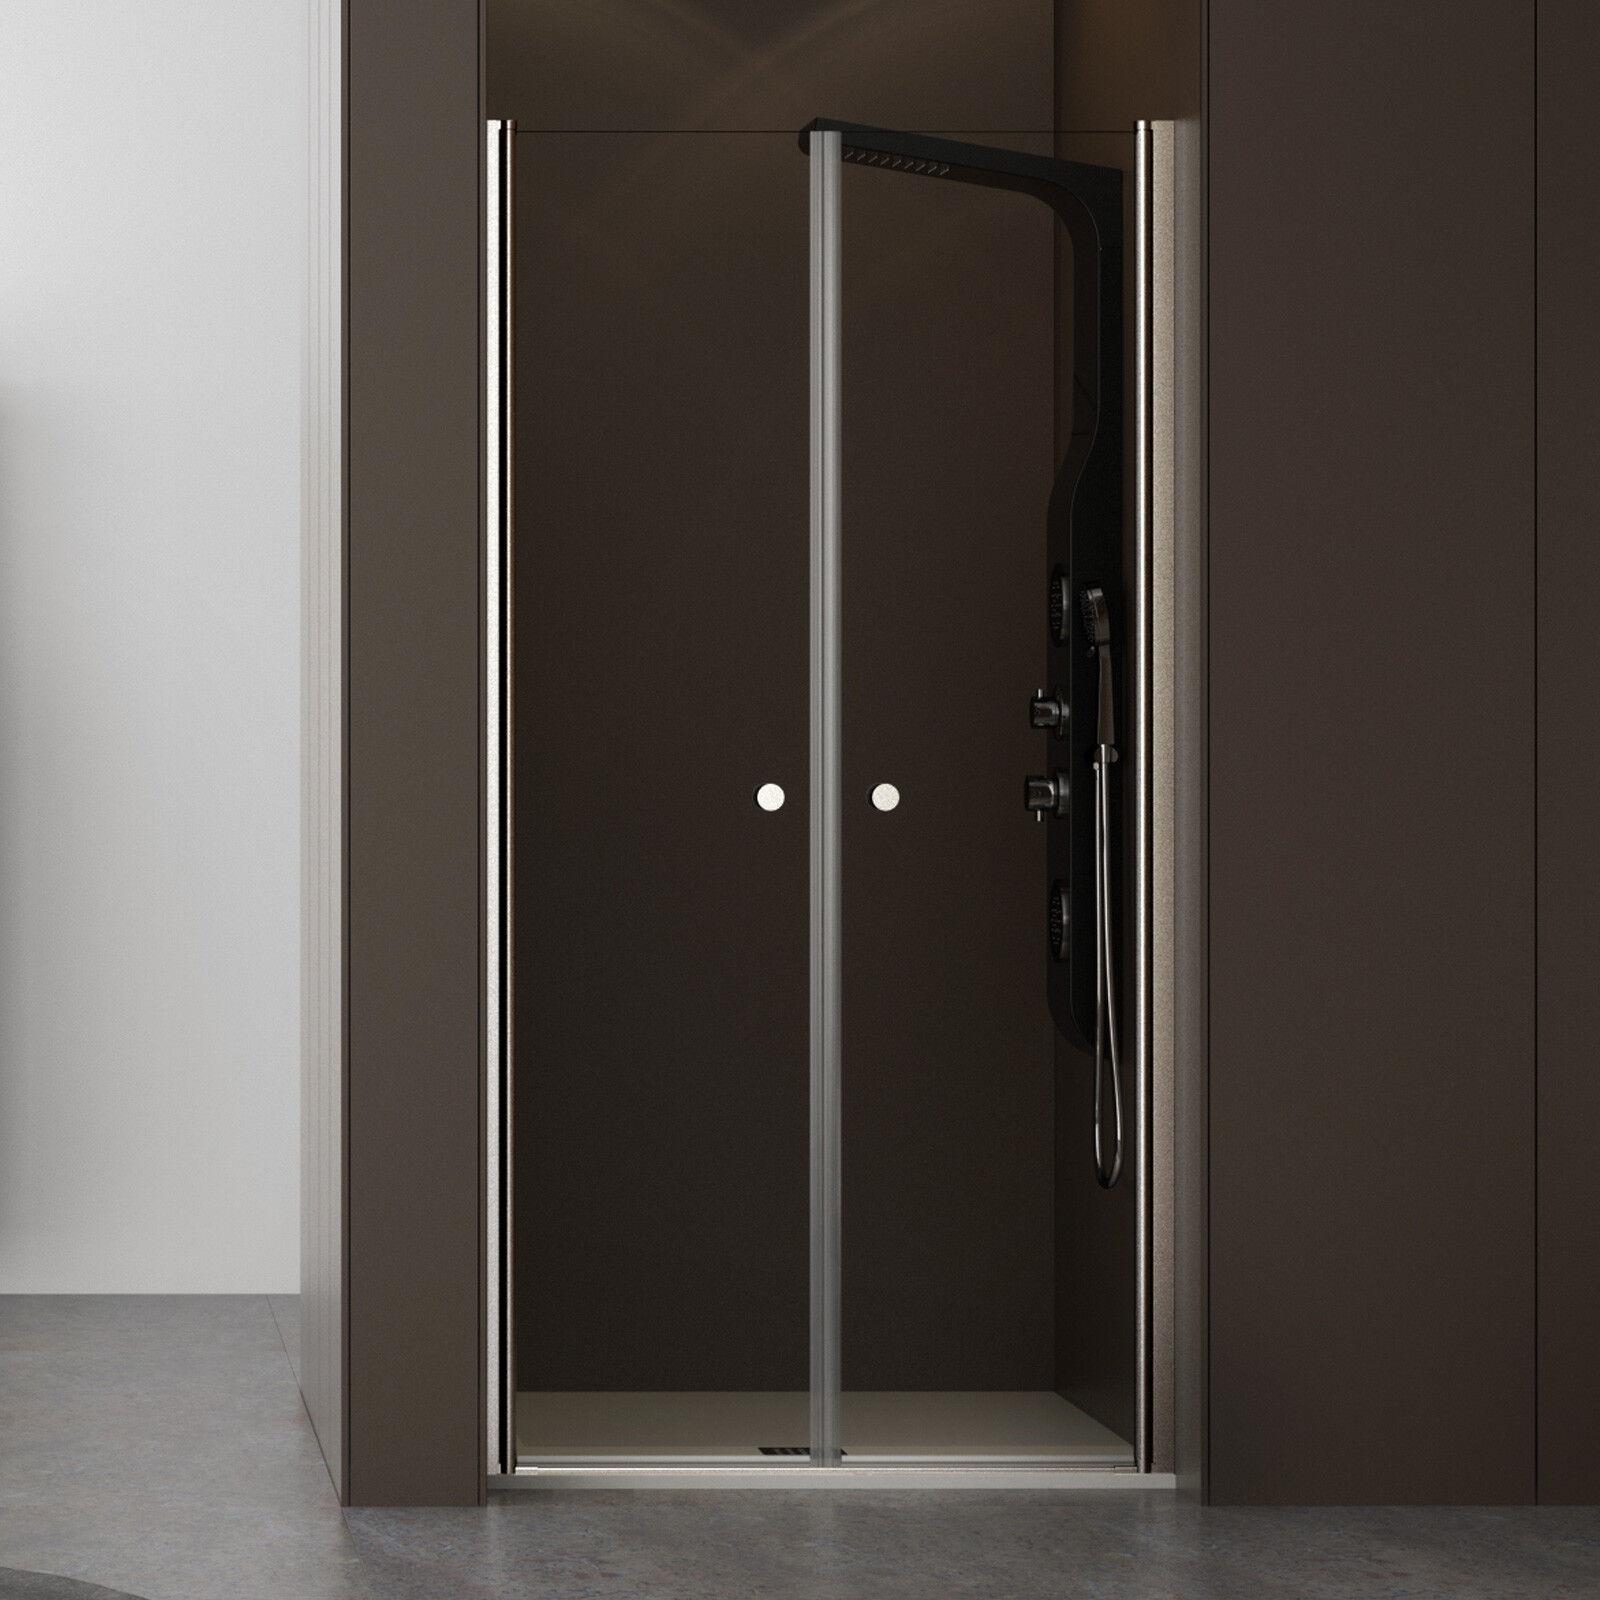 Box doccia nicchia saloon doppia porta battente vetro cristallo temperato H190cm